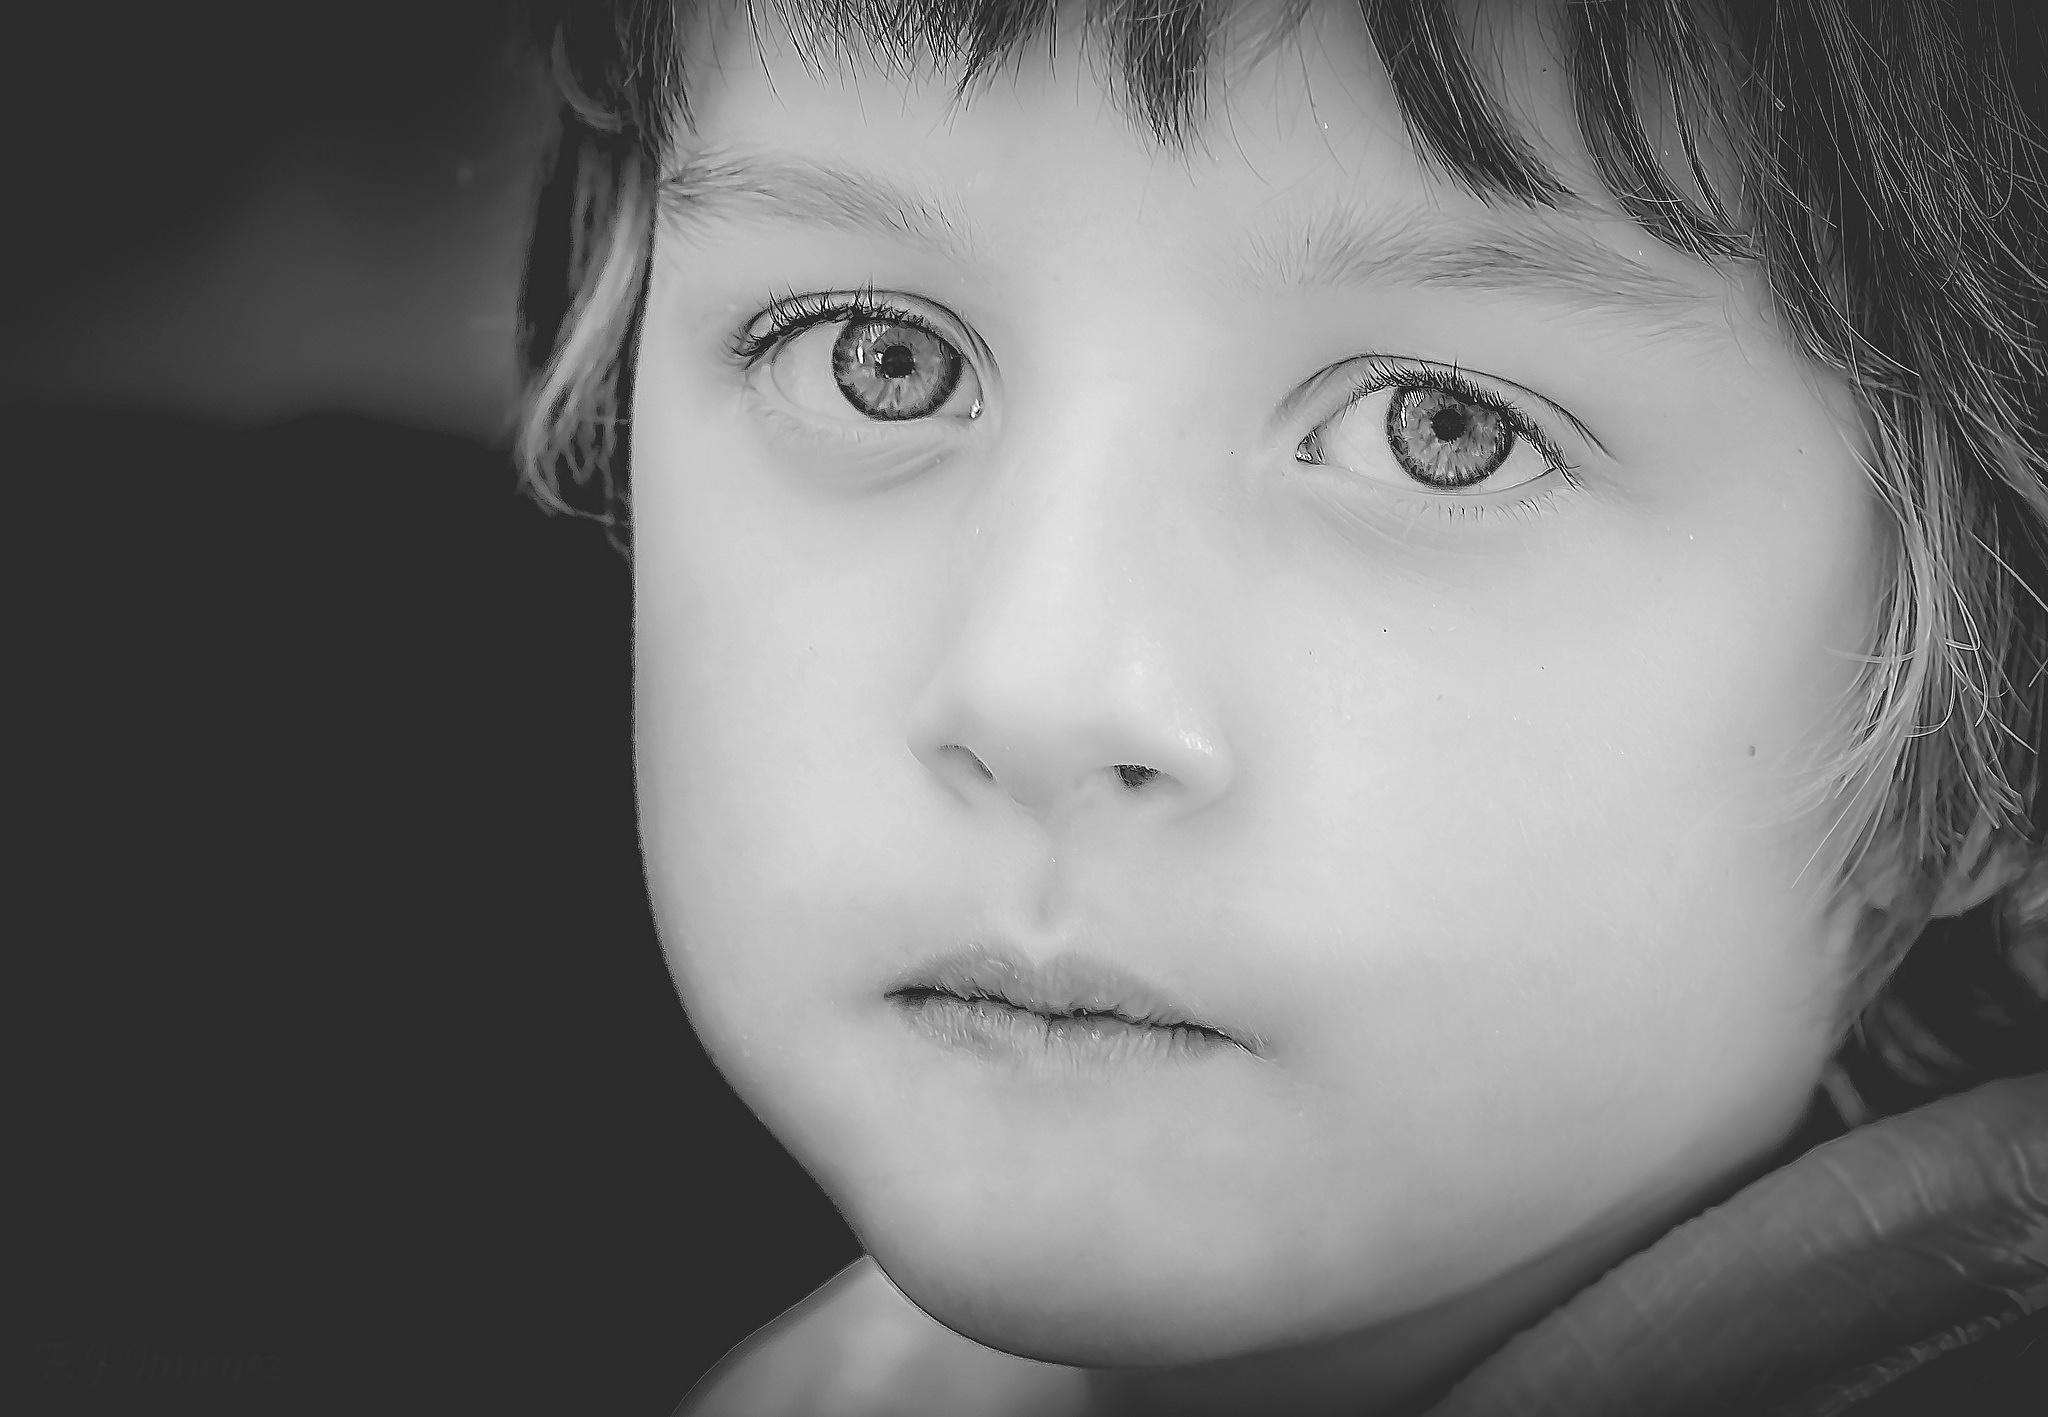 La inocencia de una mirada by JACRIS